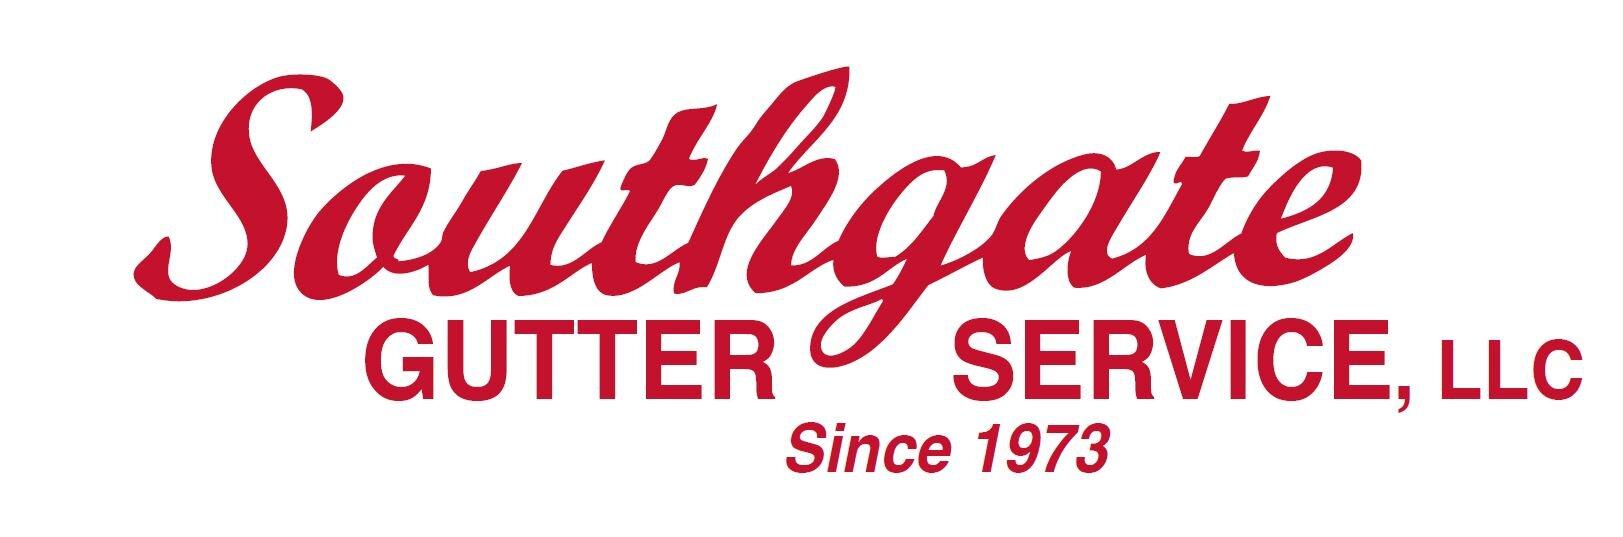 Southgate gutter.JPG